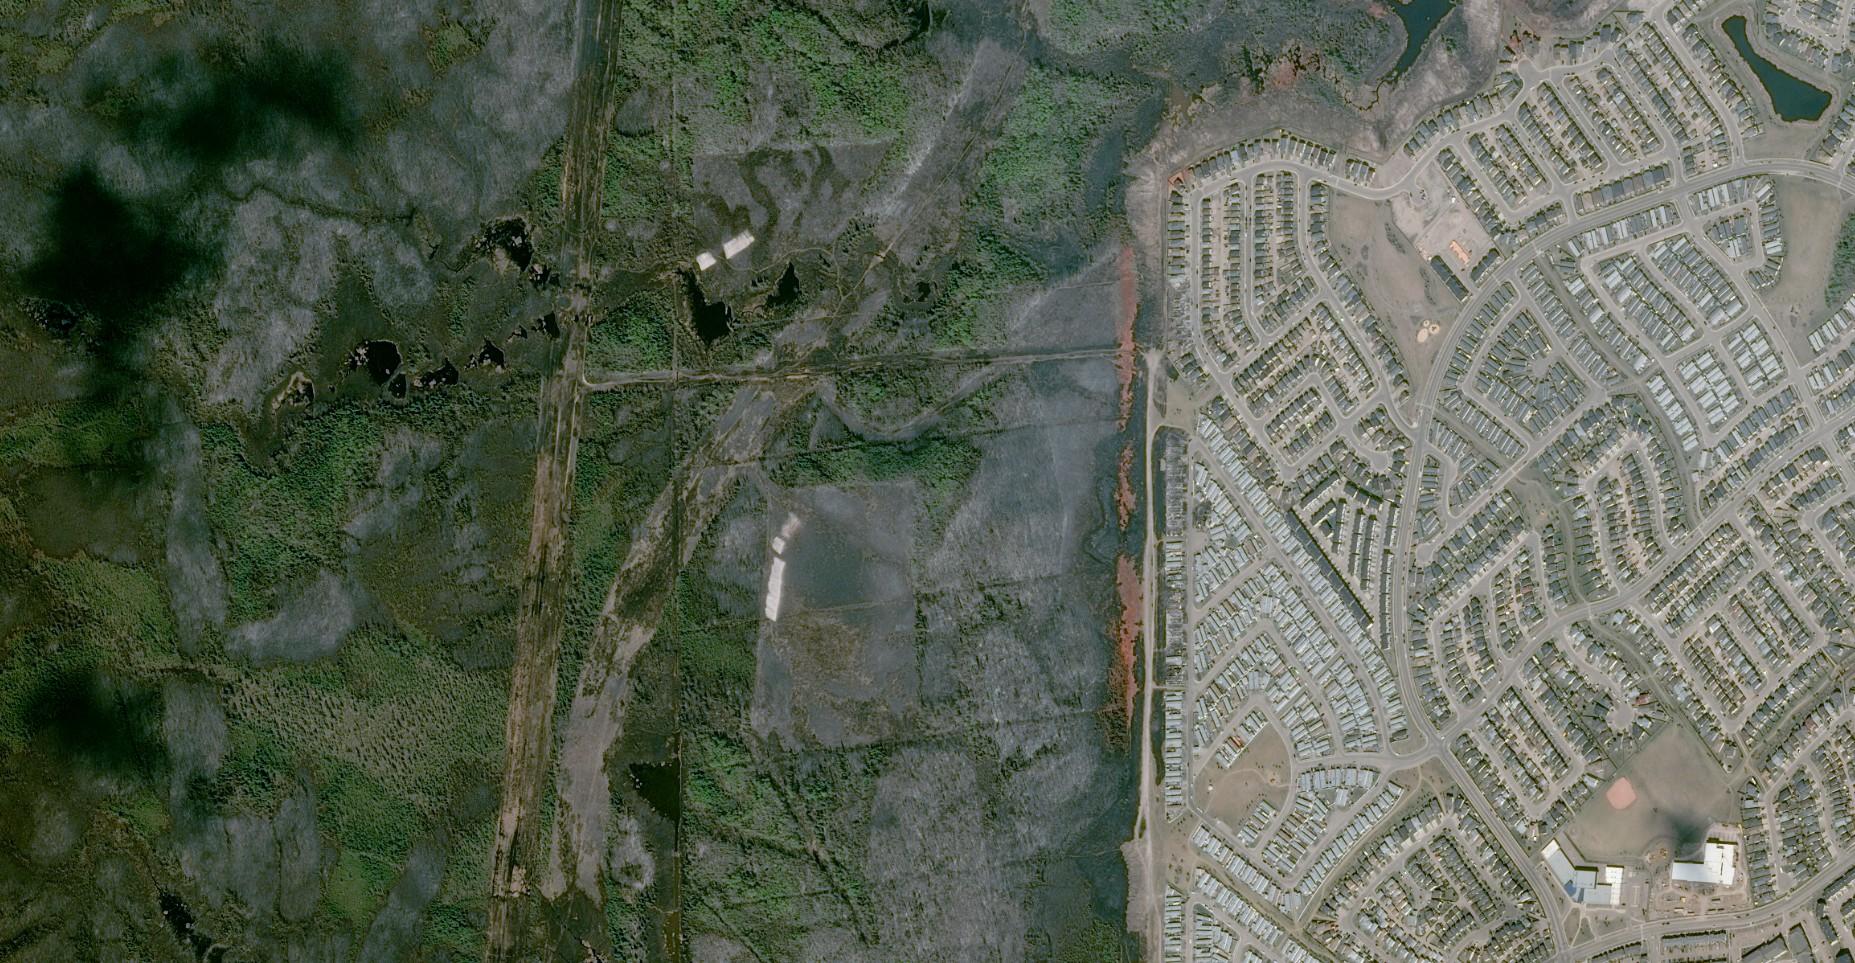 Fort McMurray - WildFires - Feux - Incendies - satellites Pléiades - Dégâts, maisons détruites et végétation brûlée